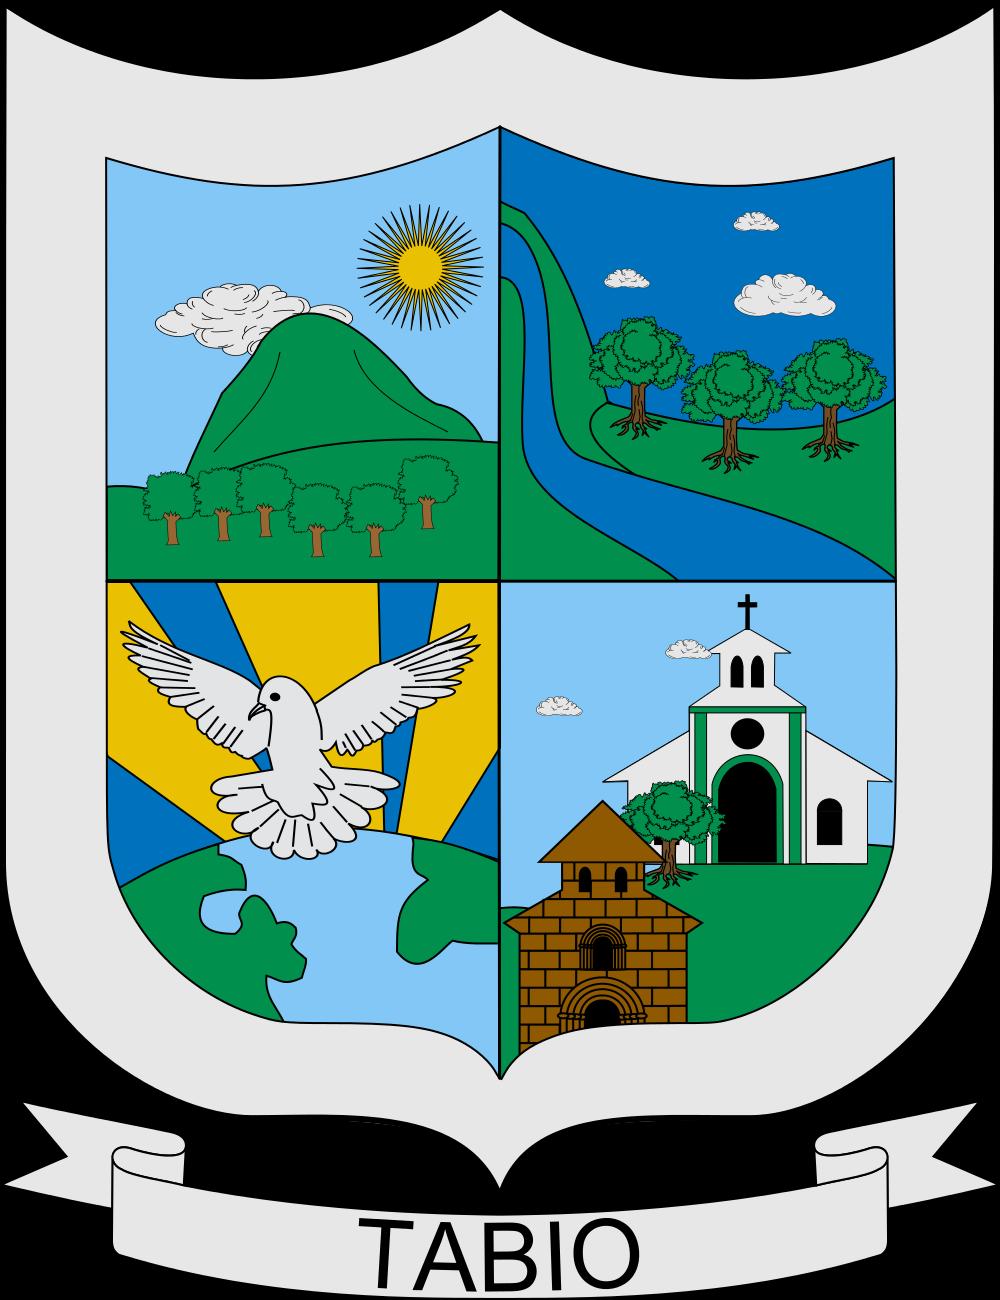 File:Escudo de Tabio.svg.